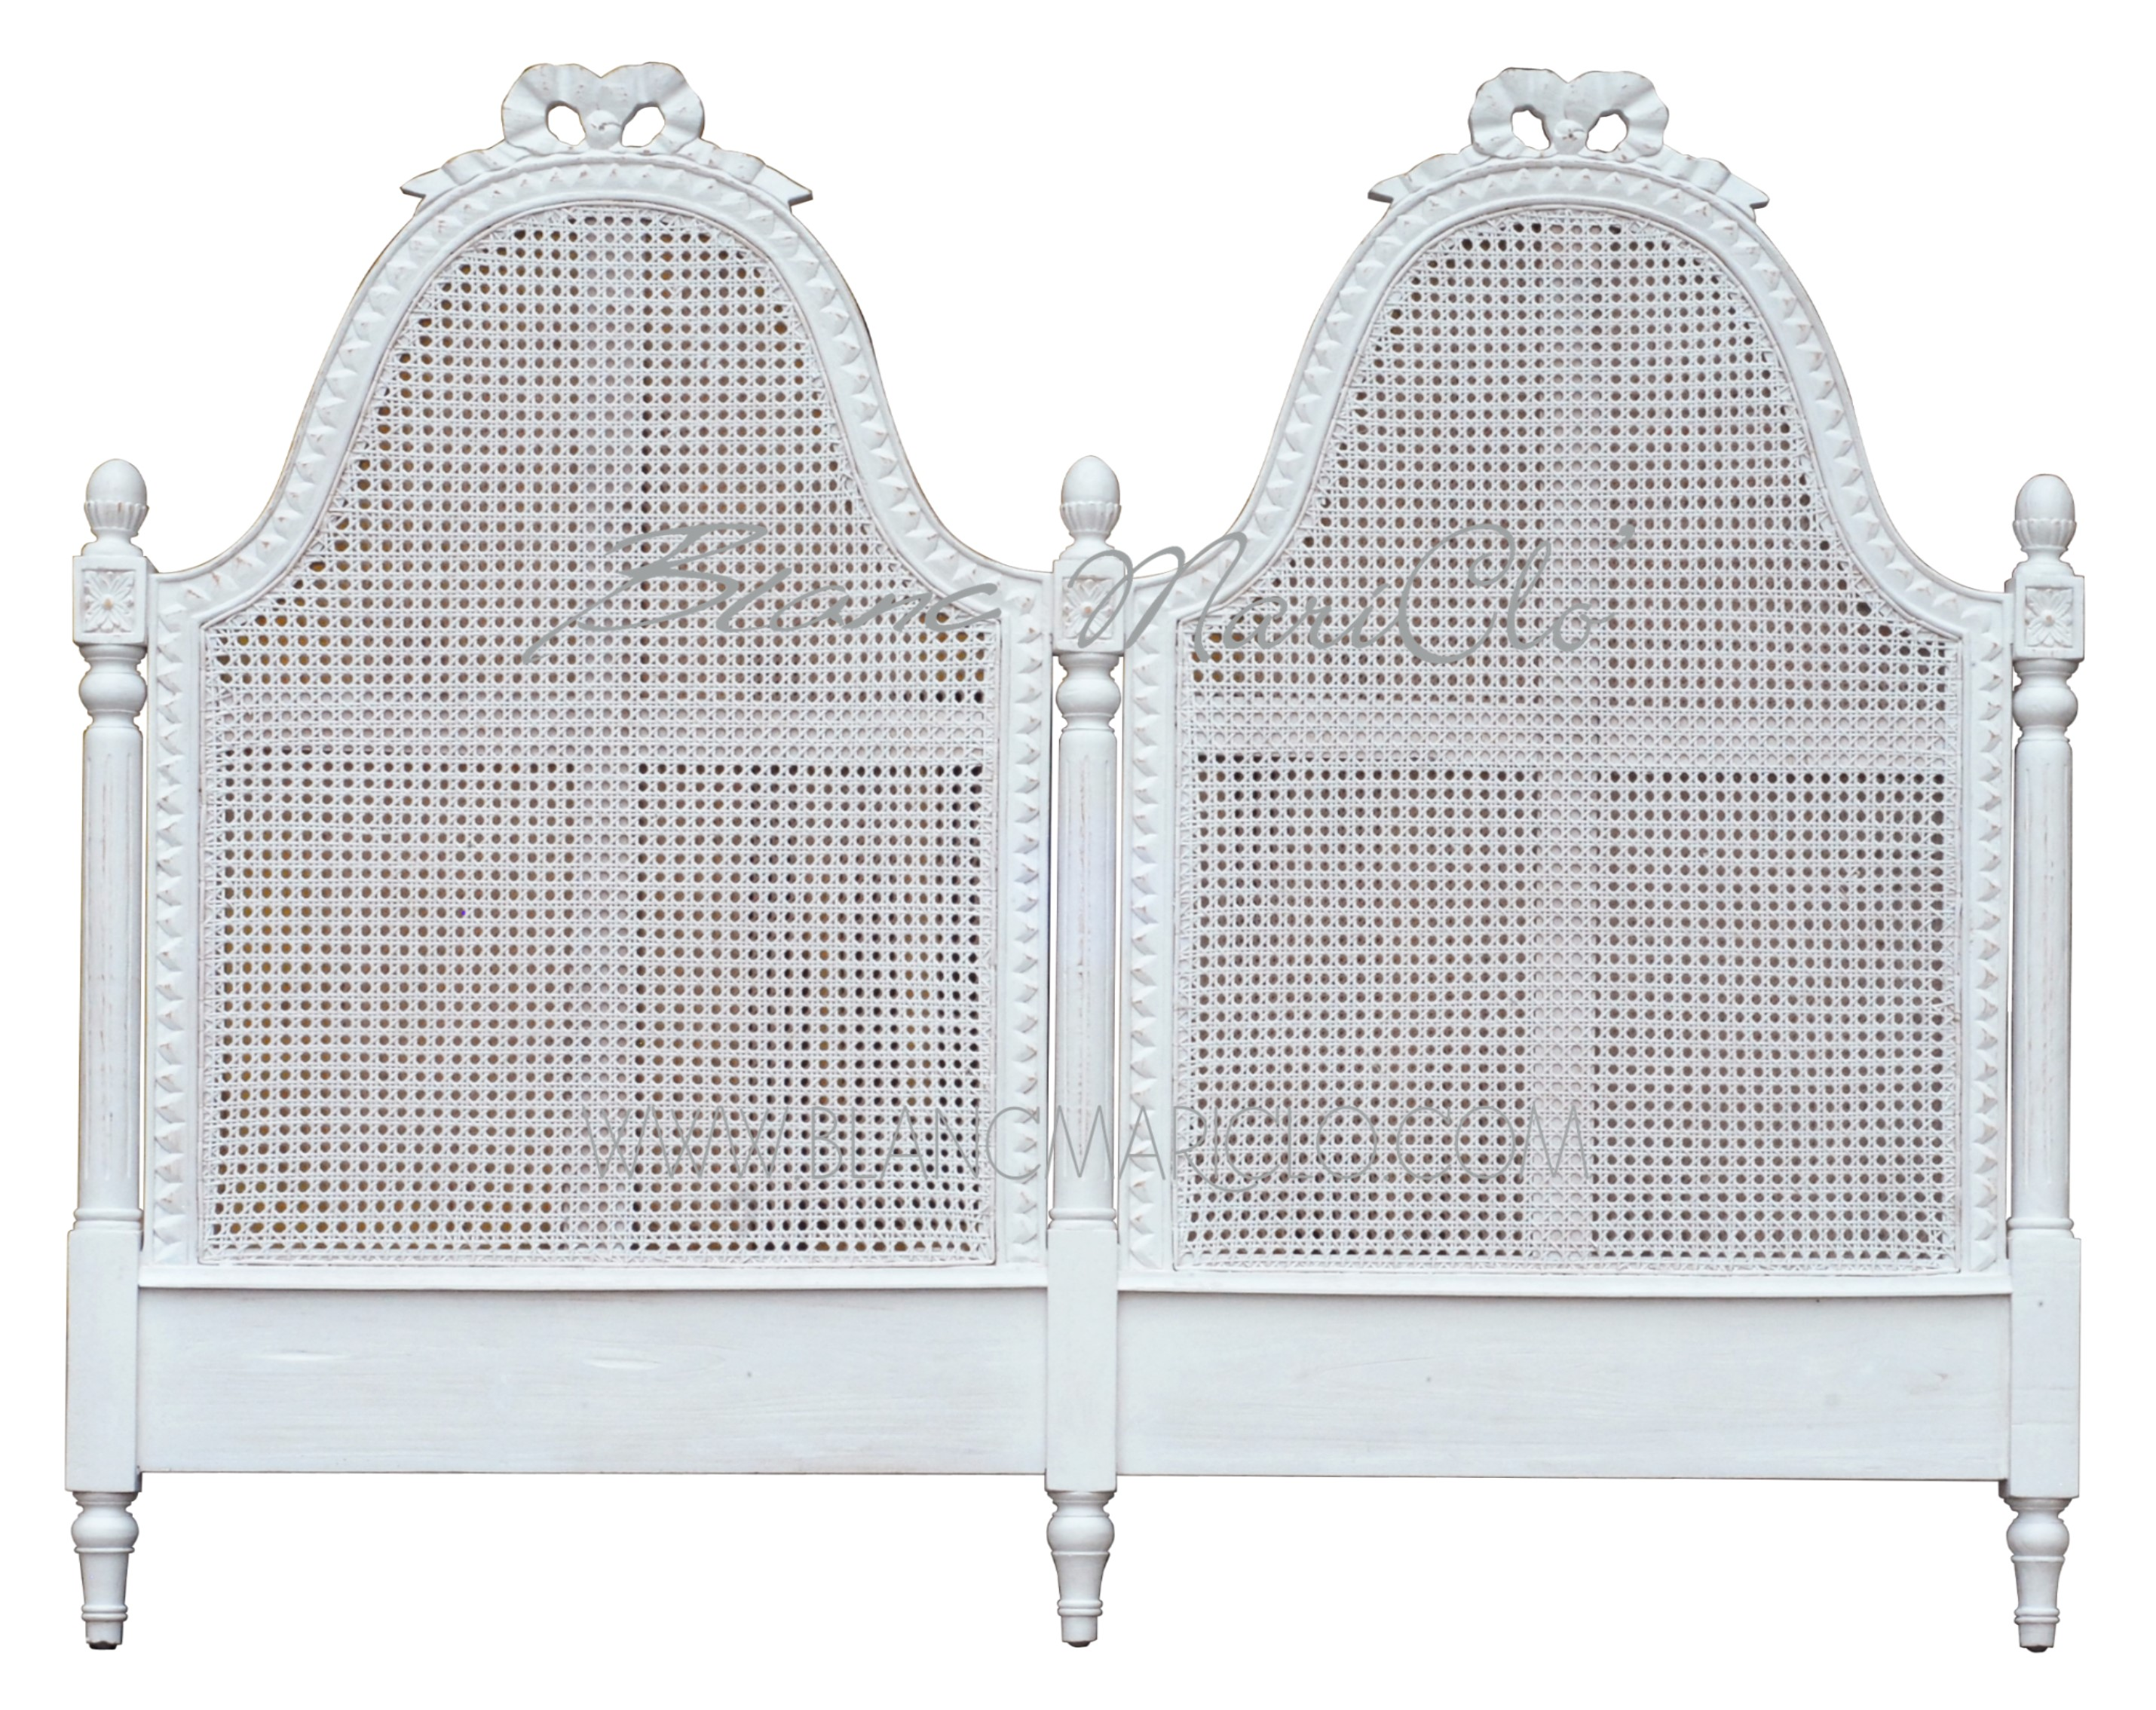 Schienale Letto Matrimoniale.Testata Letto Matrimoniale In Paglia Di Vienna Collezione Maria